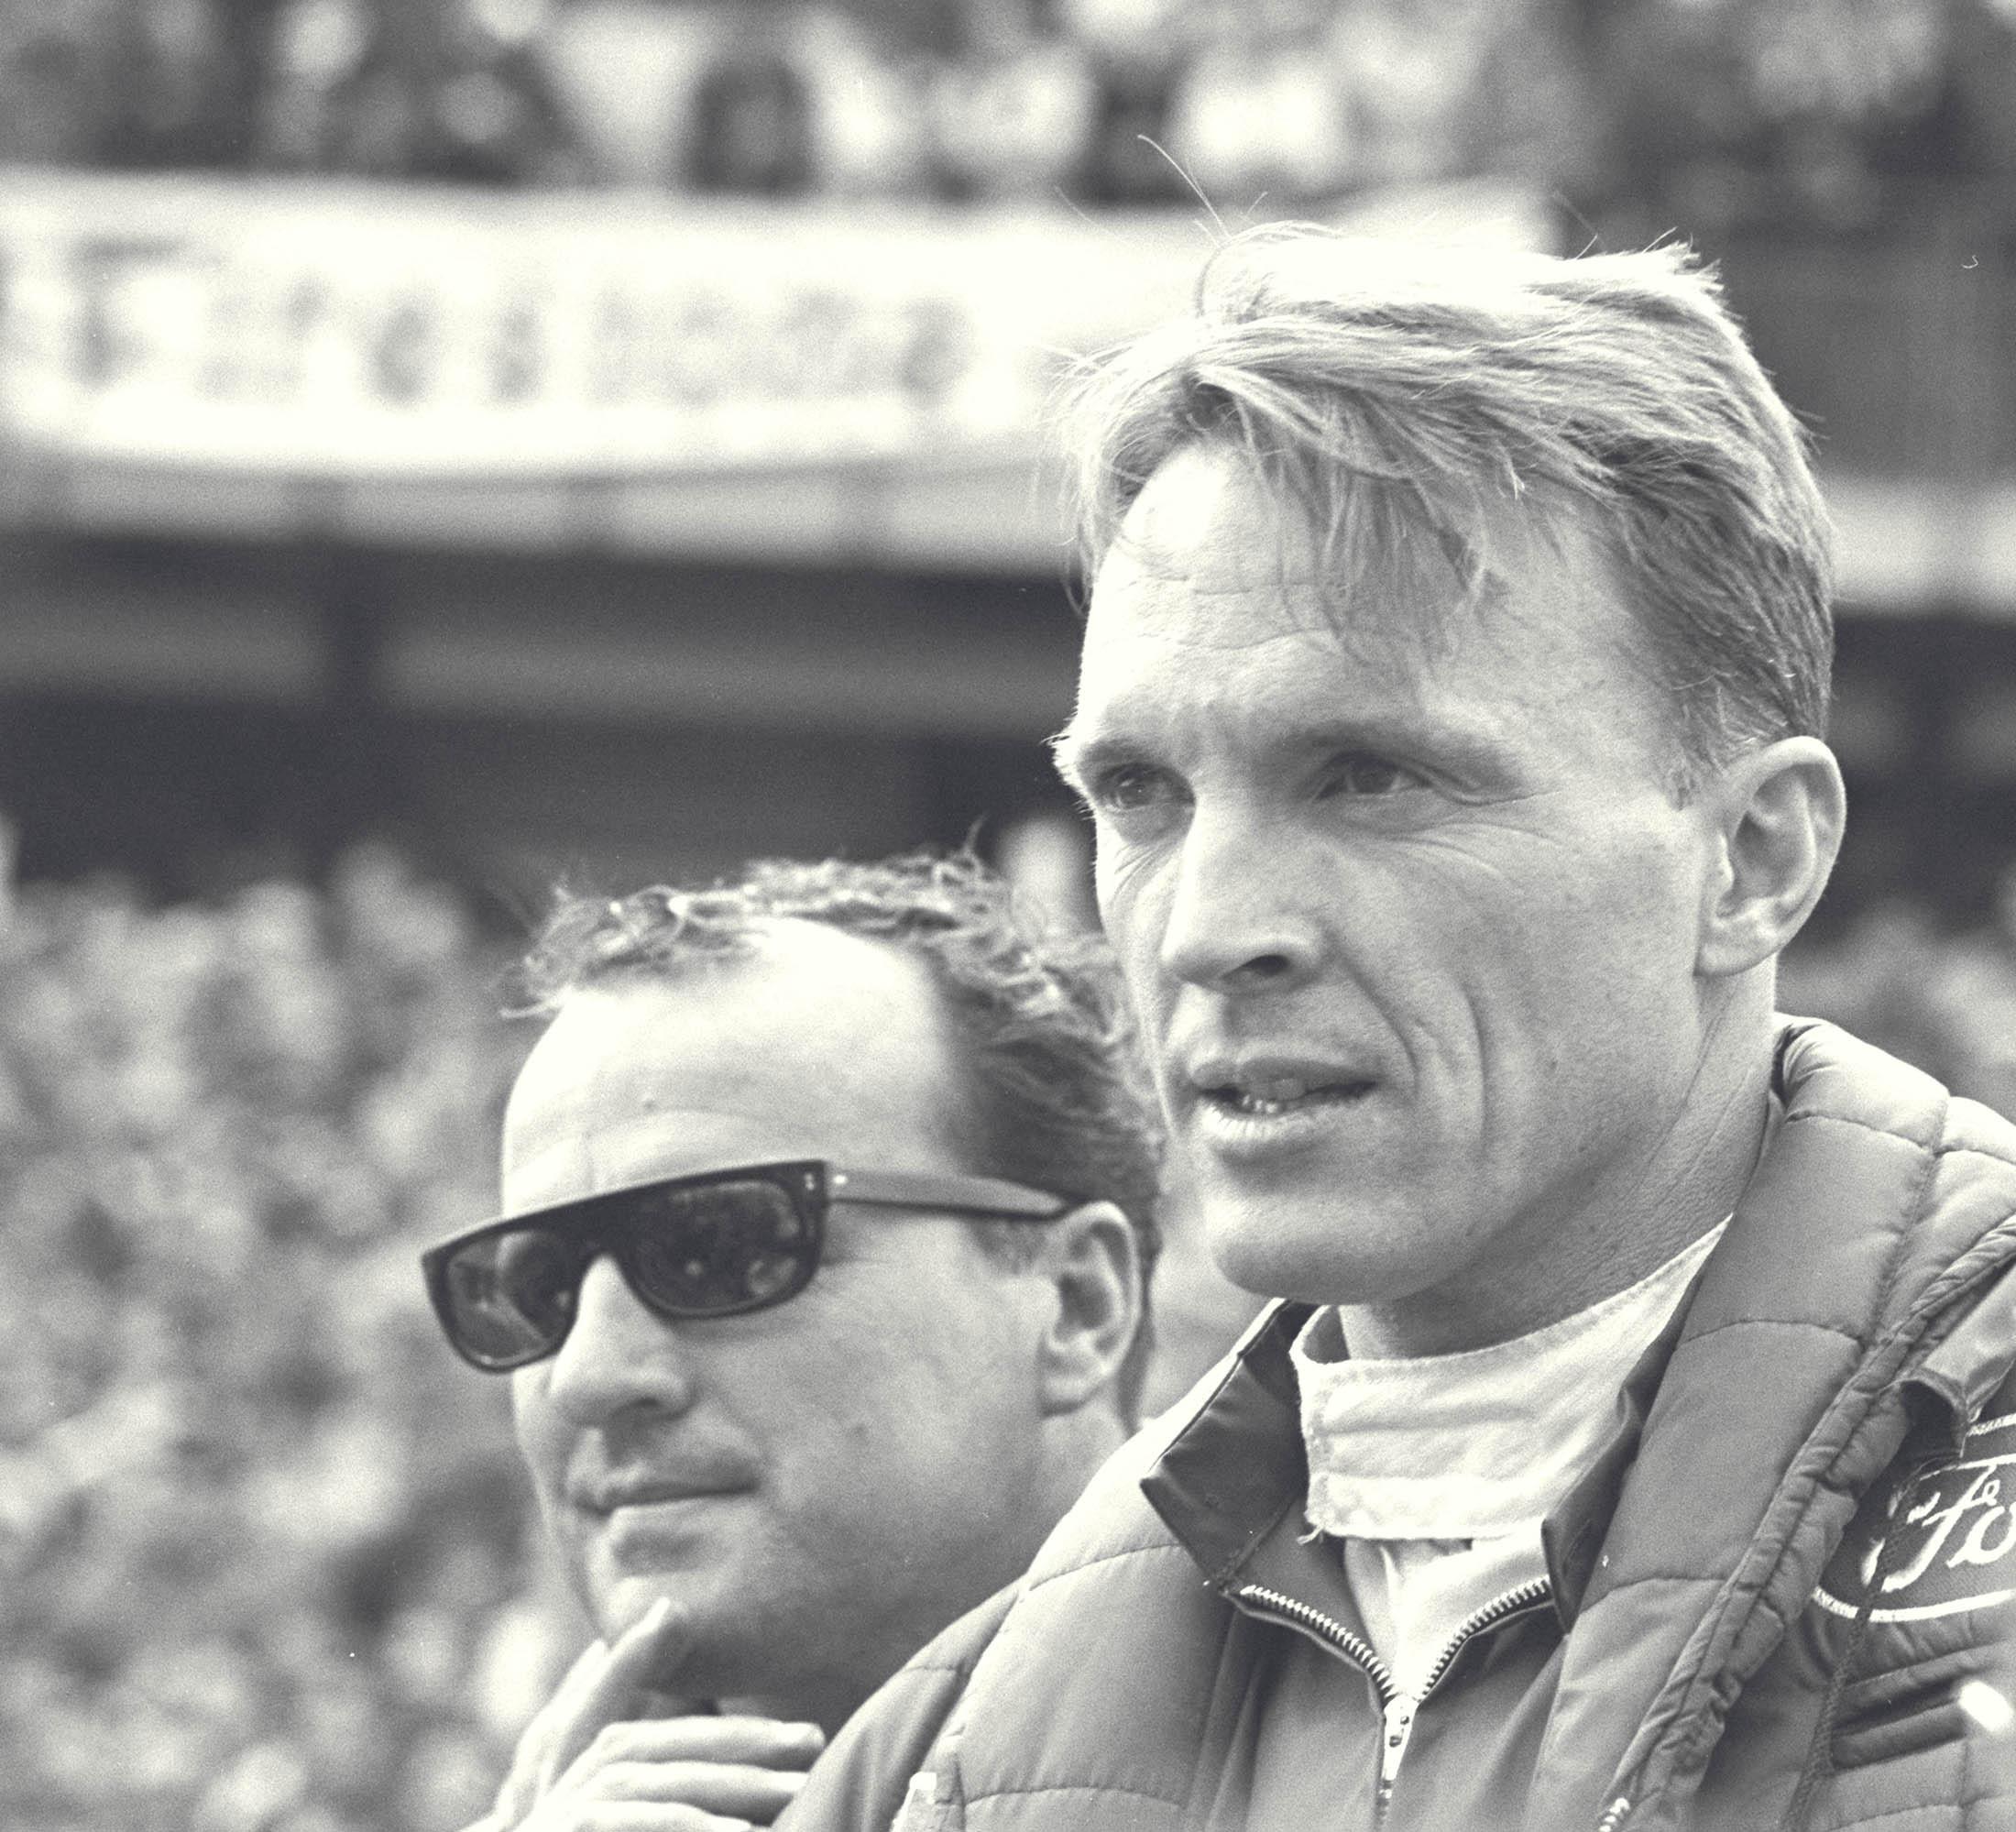 Racing legend Dan Gurney dead at 86